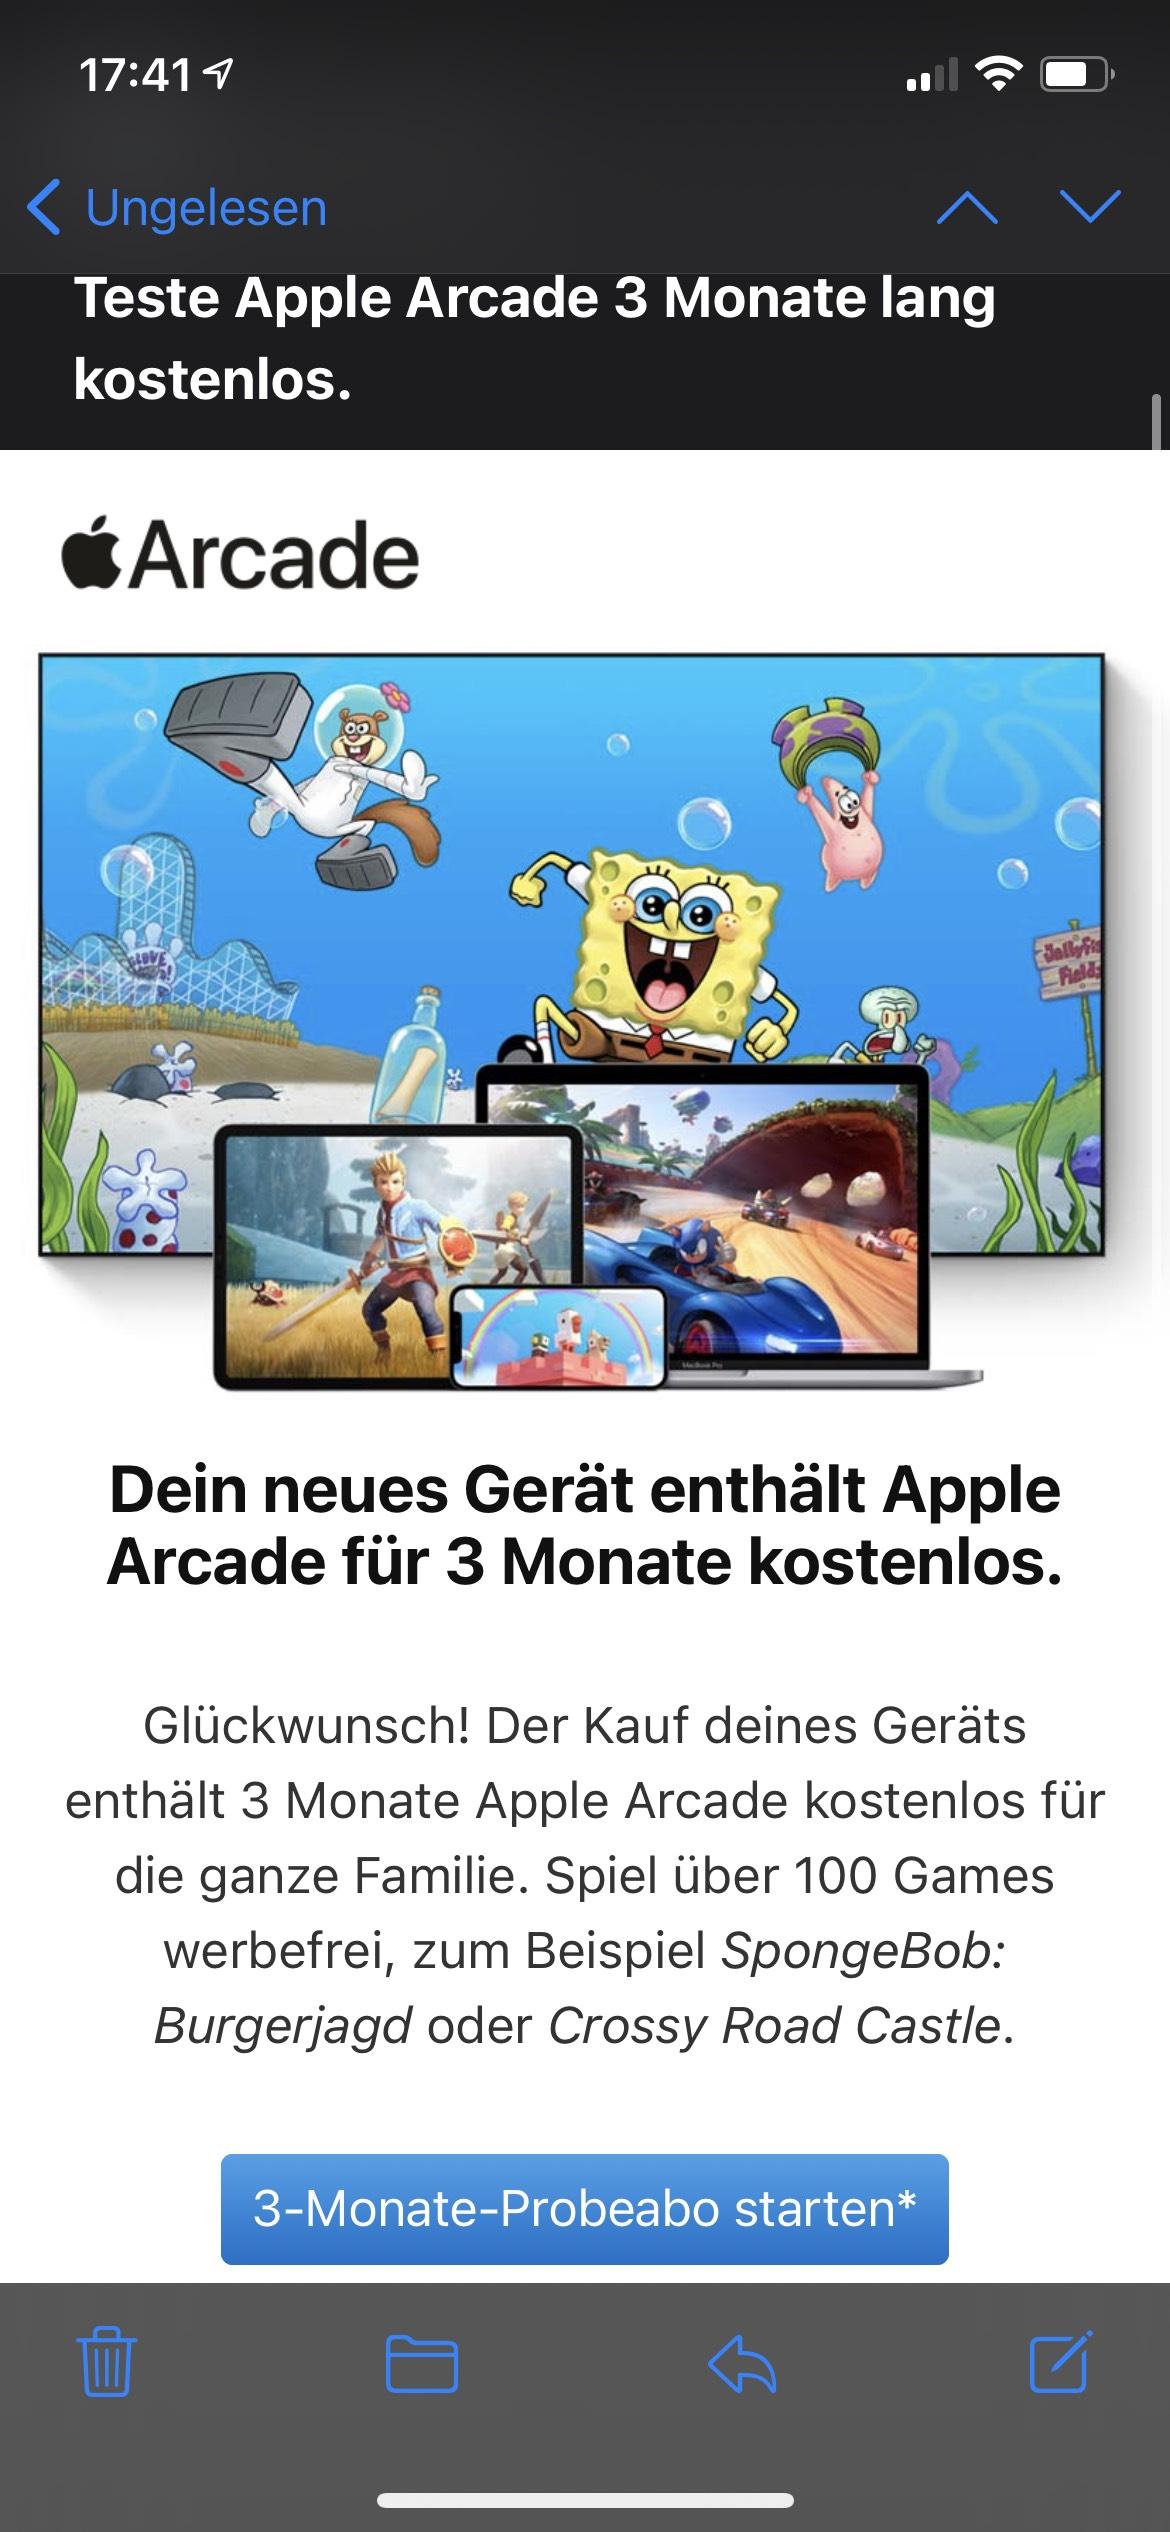 Apple Arcade 3 Monate kostenlos (bei Kauf eines Neugeräts)